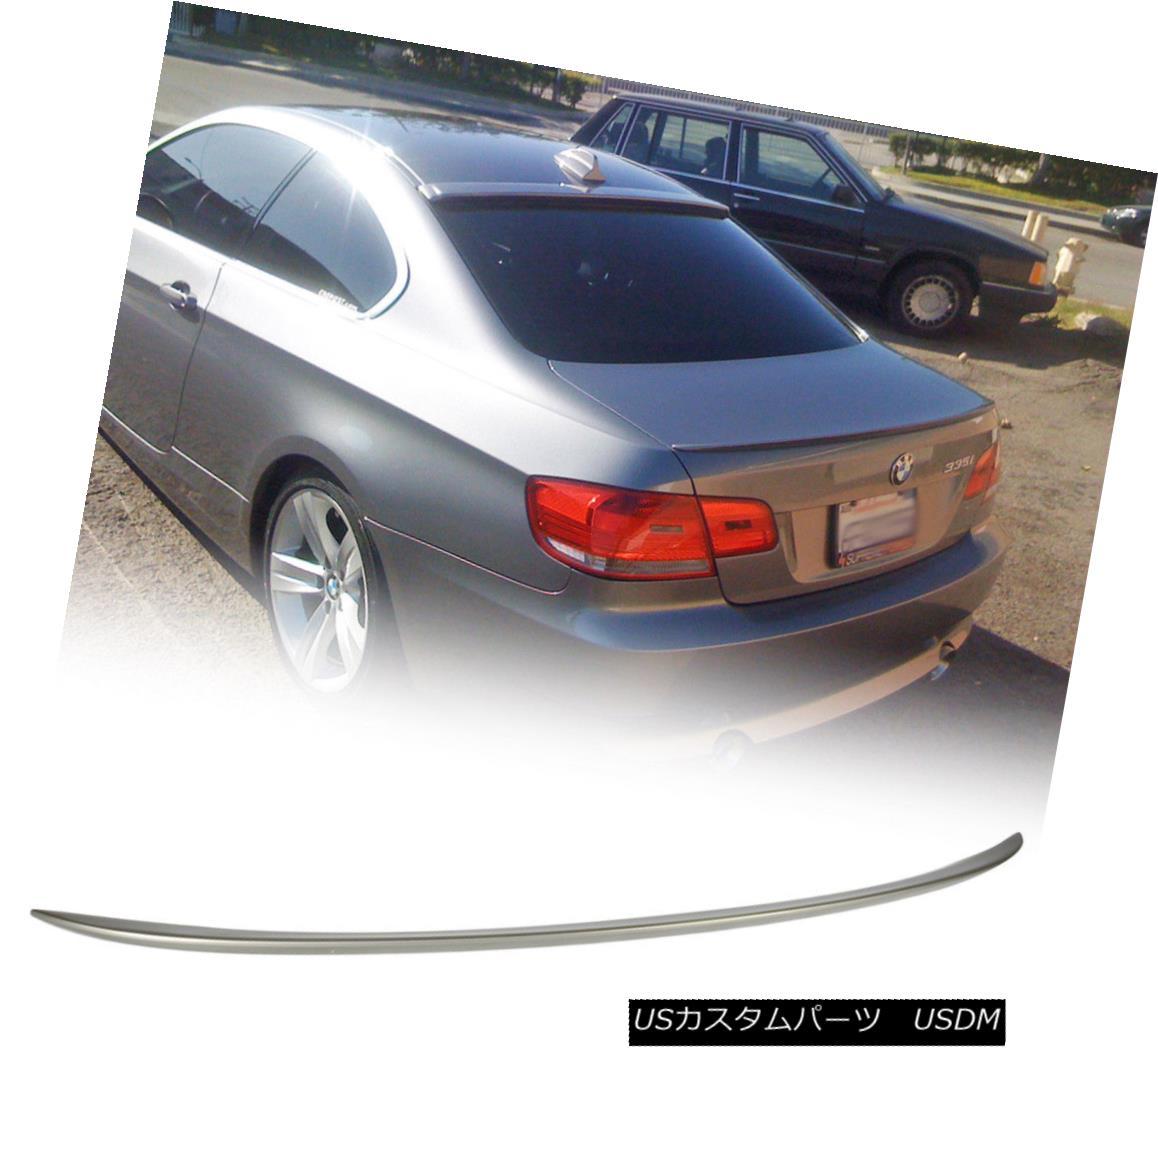 エアロパーツ Painted #A53 E93 For BMW M3 Style 3-Series Rear Trunk Spoiler Wing 08 12 塗装済み#A53 E93 BMW M3スタイル用3シリーズリアトランク・スポイラー・ウィング08 12